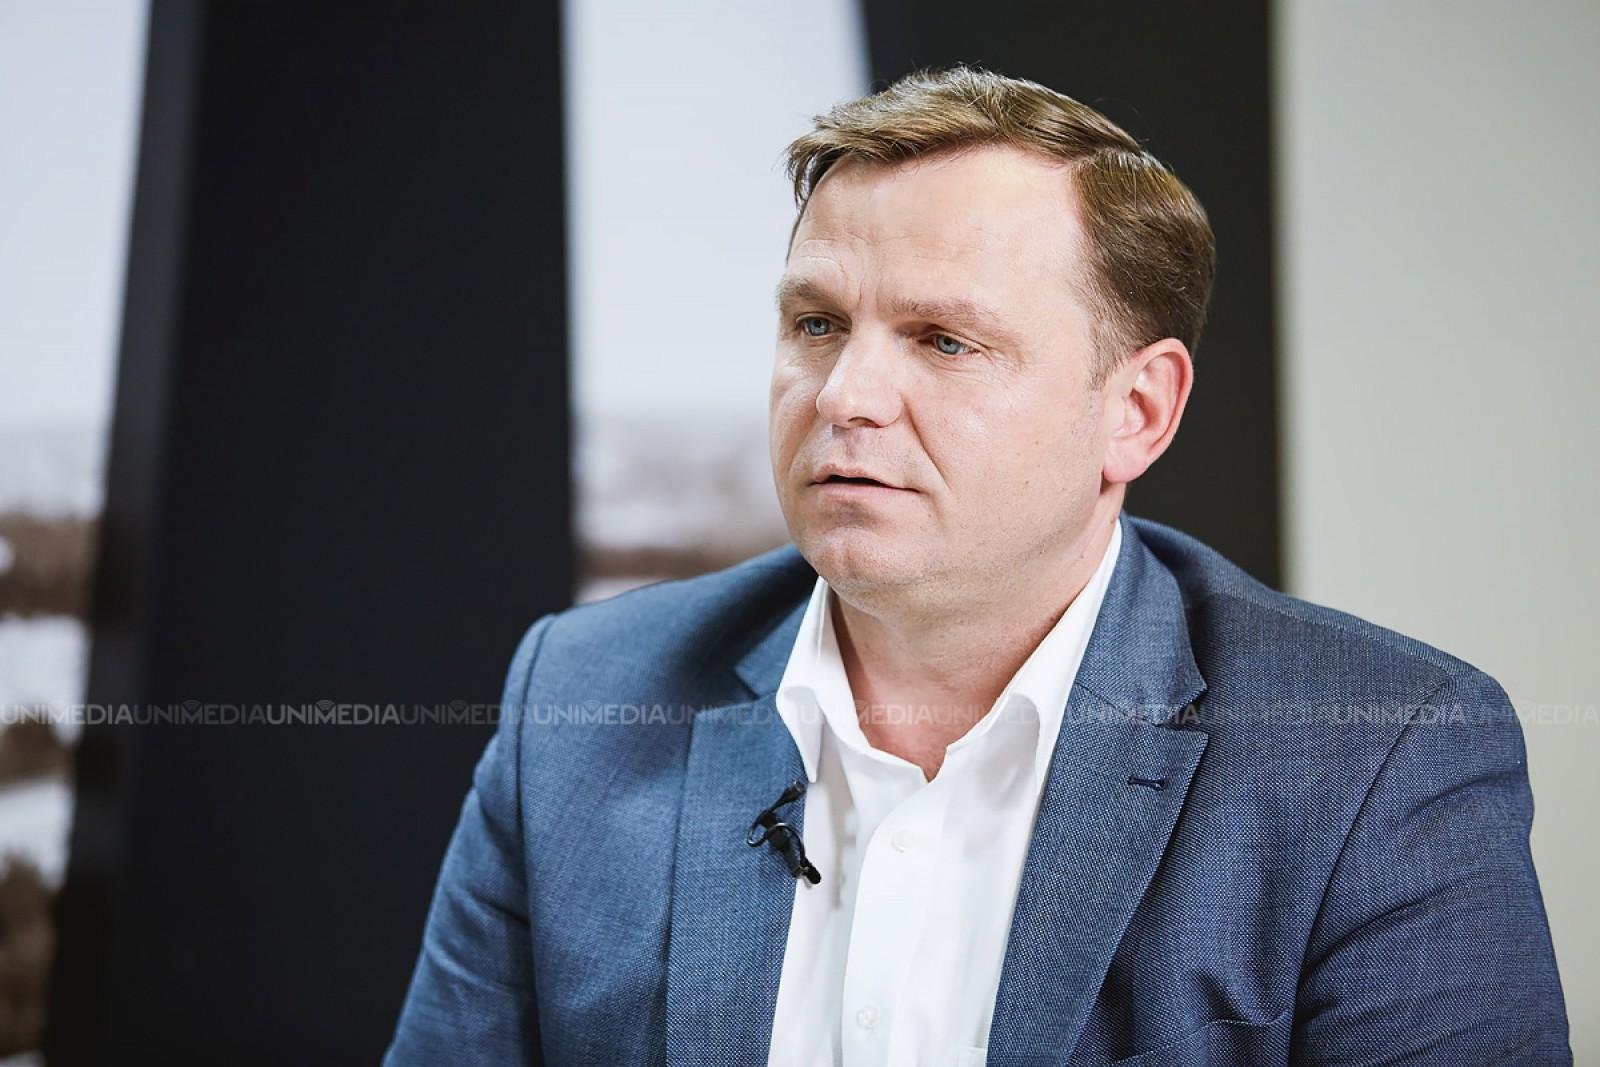 """Andrei Năstase, despre decizia CEC de a nu înregistra grupul de inițiativă privind votul anti-mixt: """"Încă un abuz al regimului împotriva propriilor cetățeni"""""""